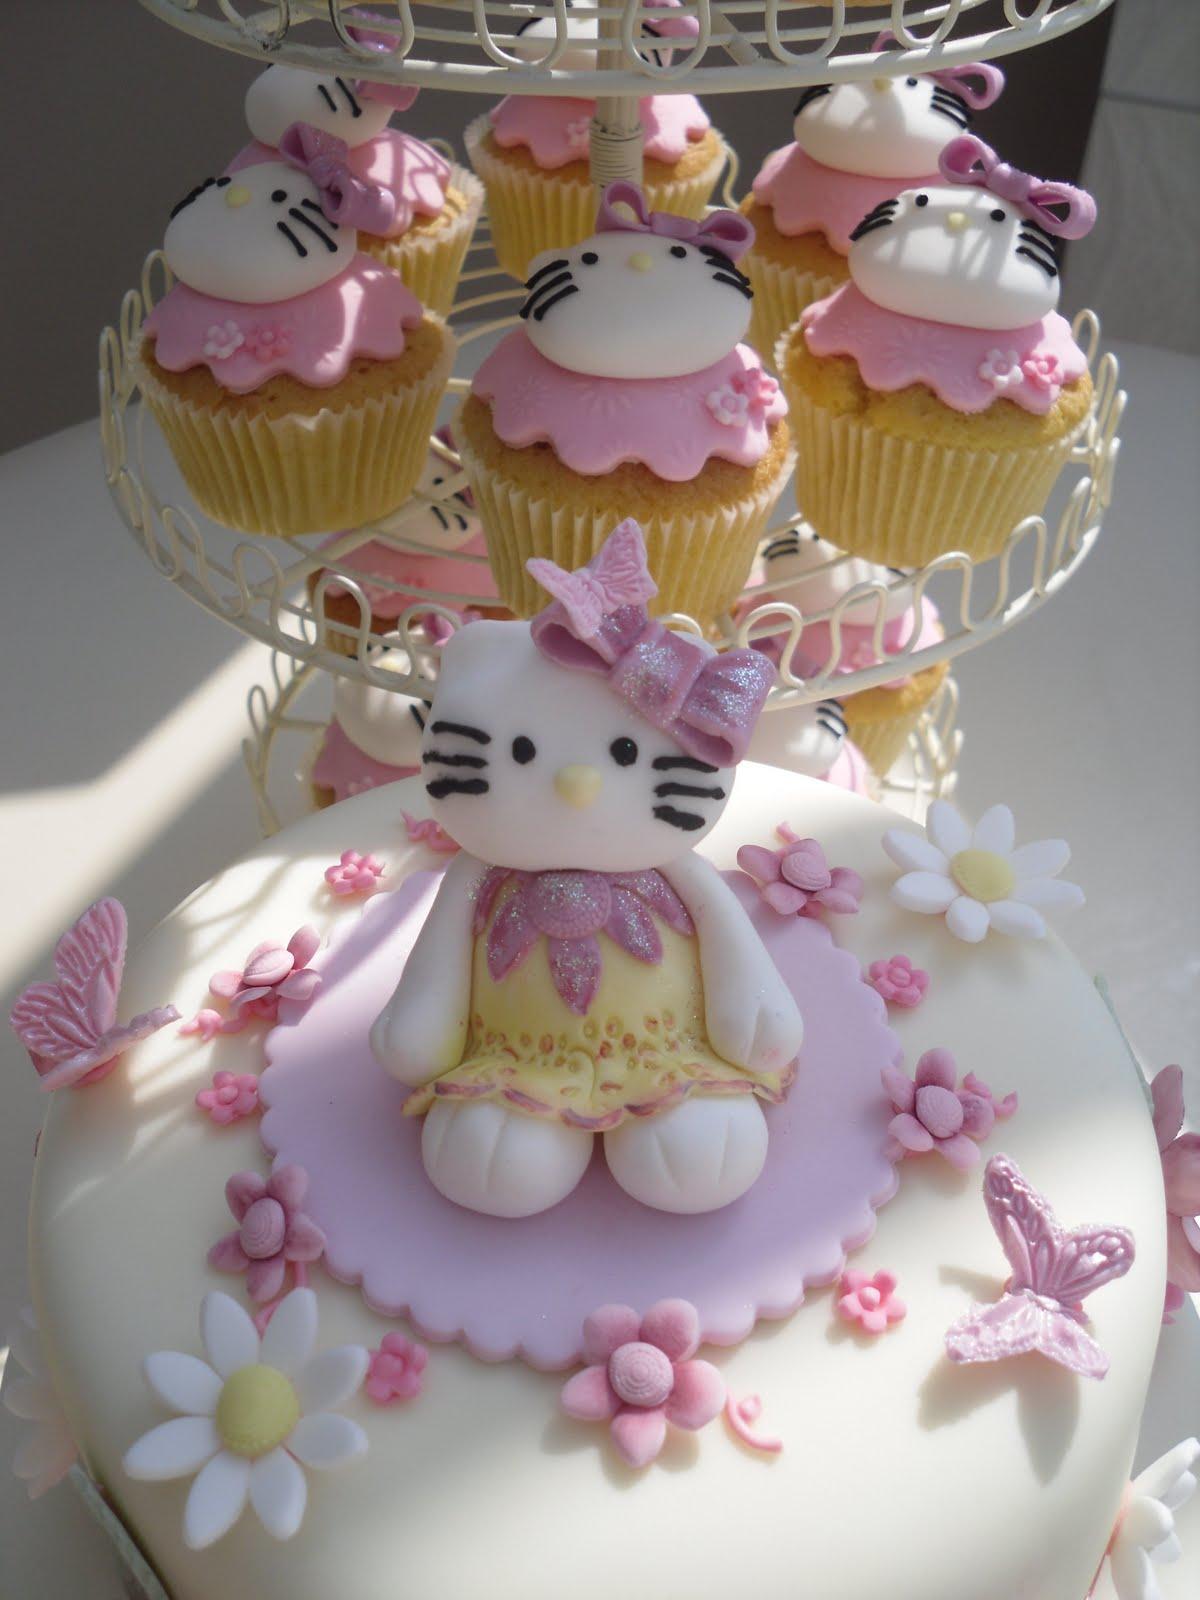 Sams Club Cupcake Cake Ideas And Designs